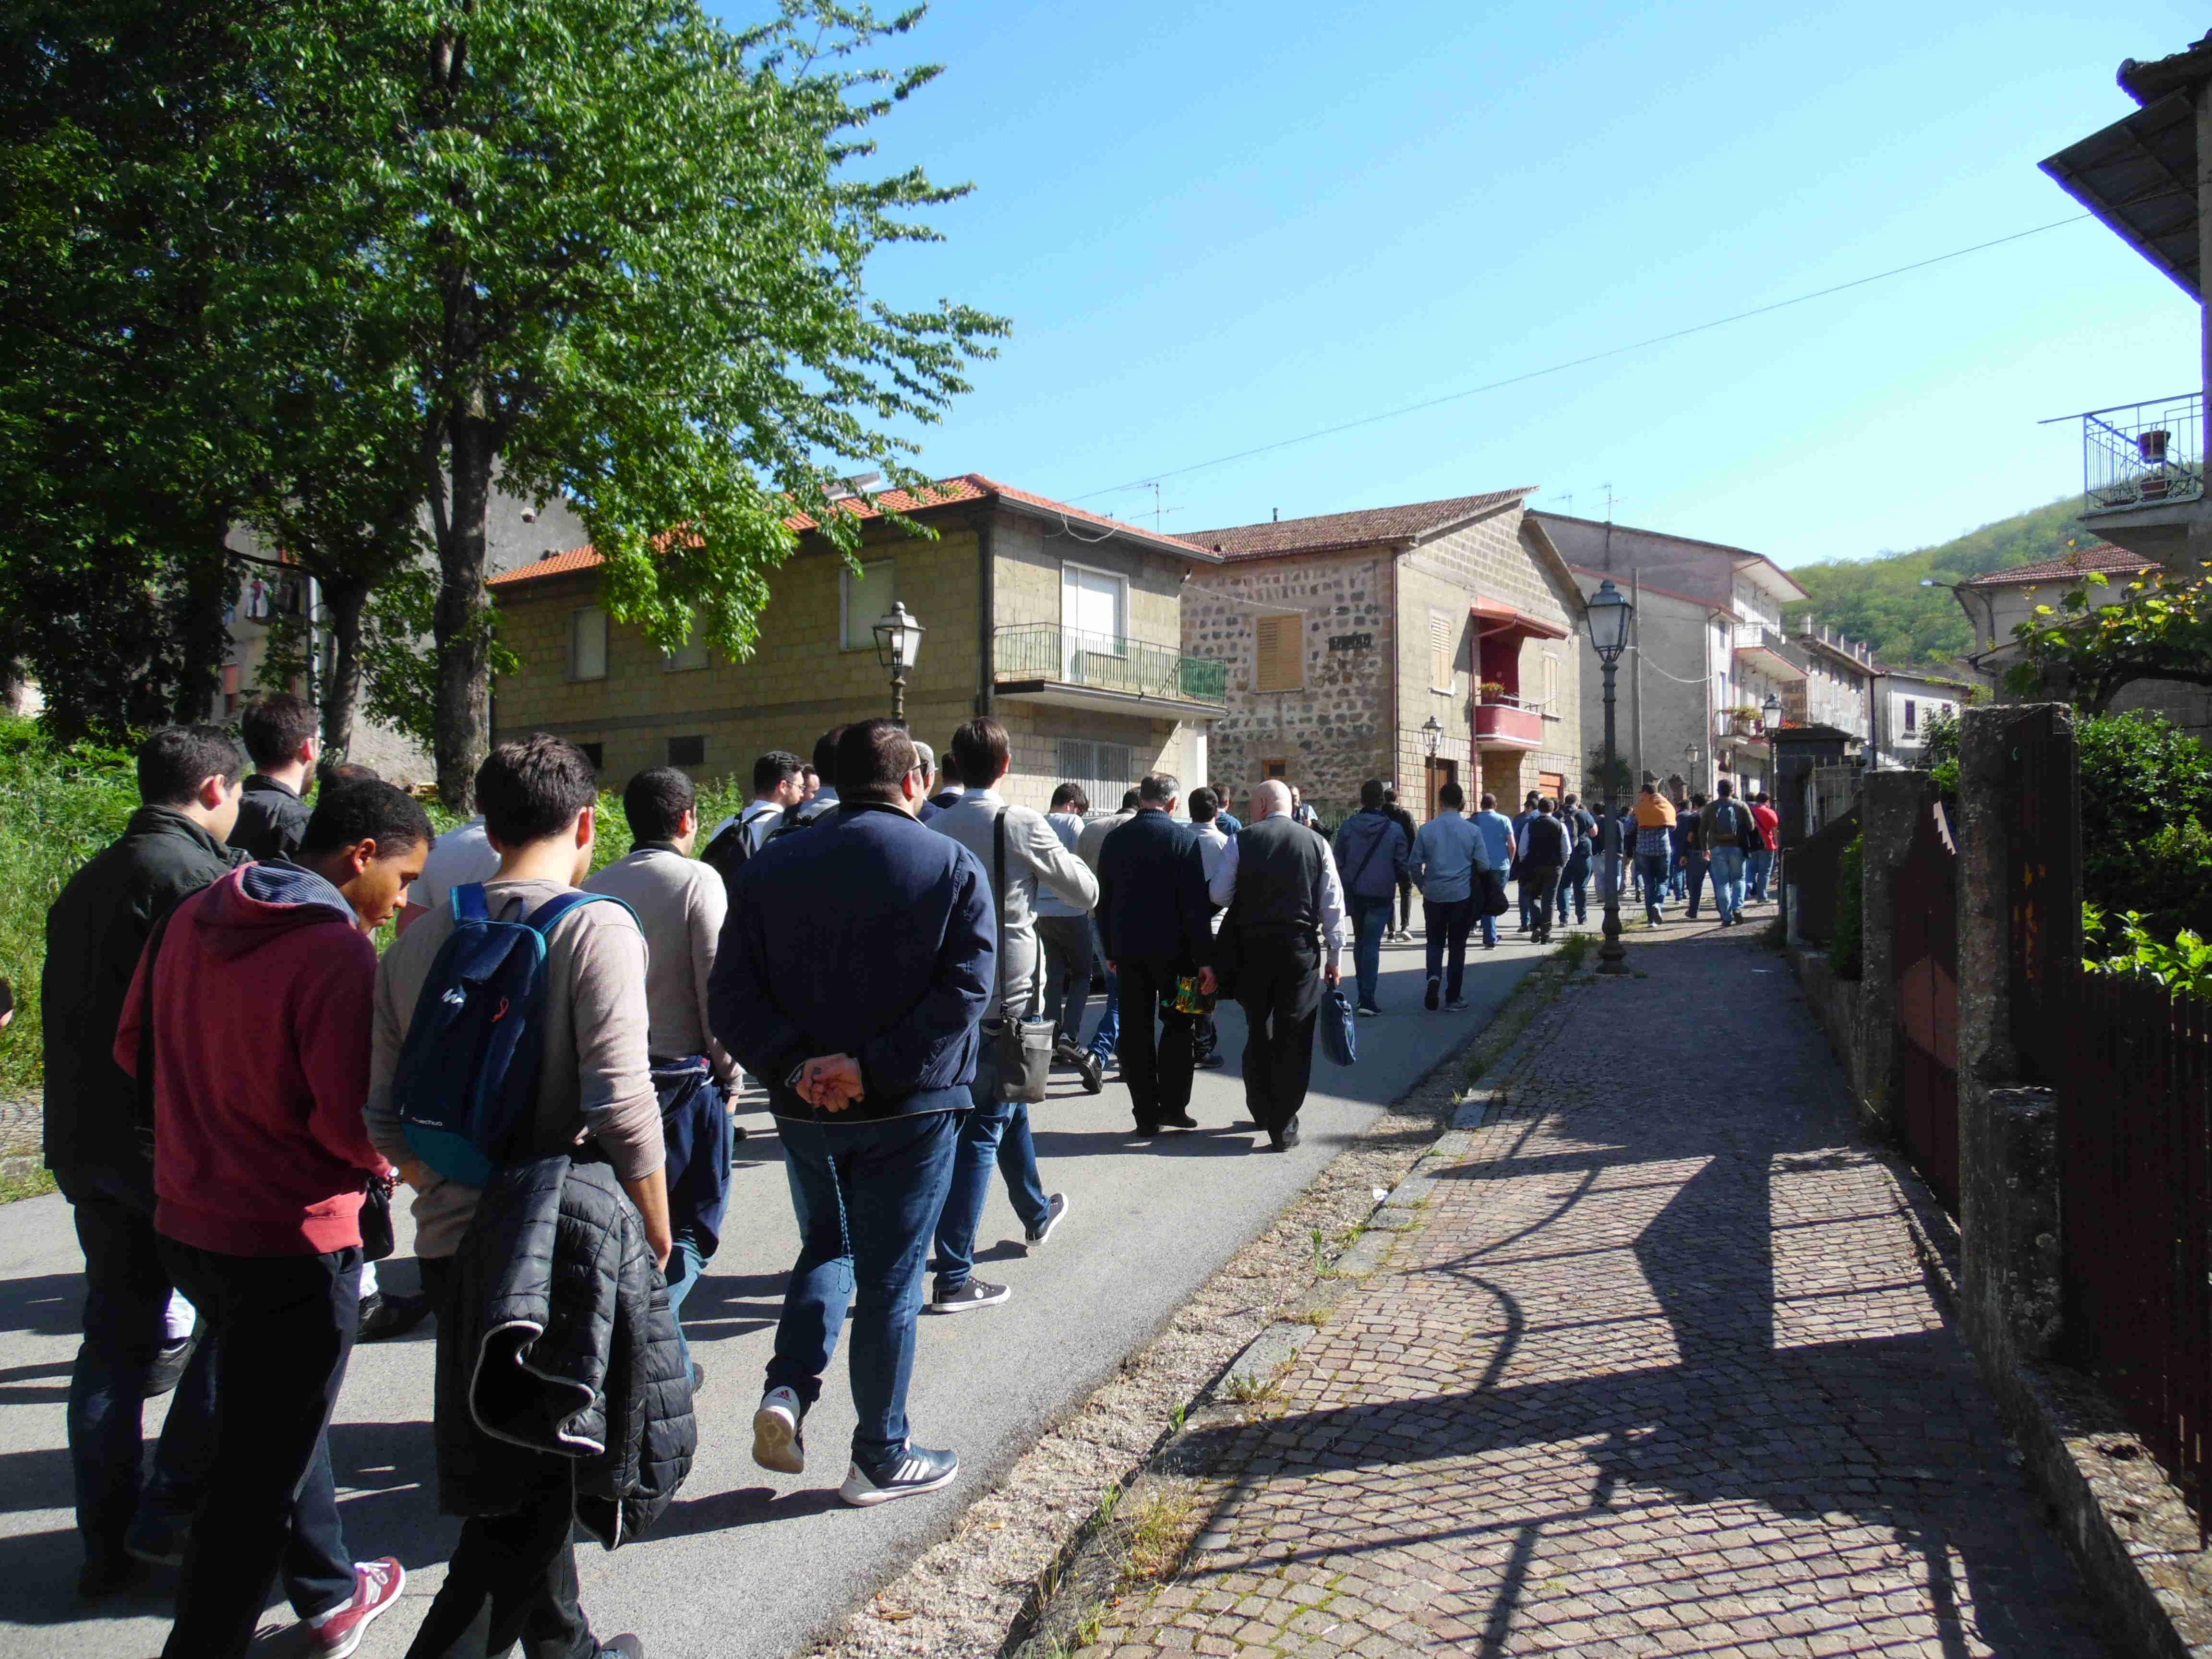 Pellegrinaggio Mariano 18-5-2018 (3)